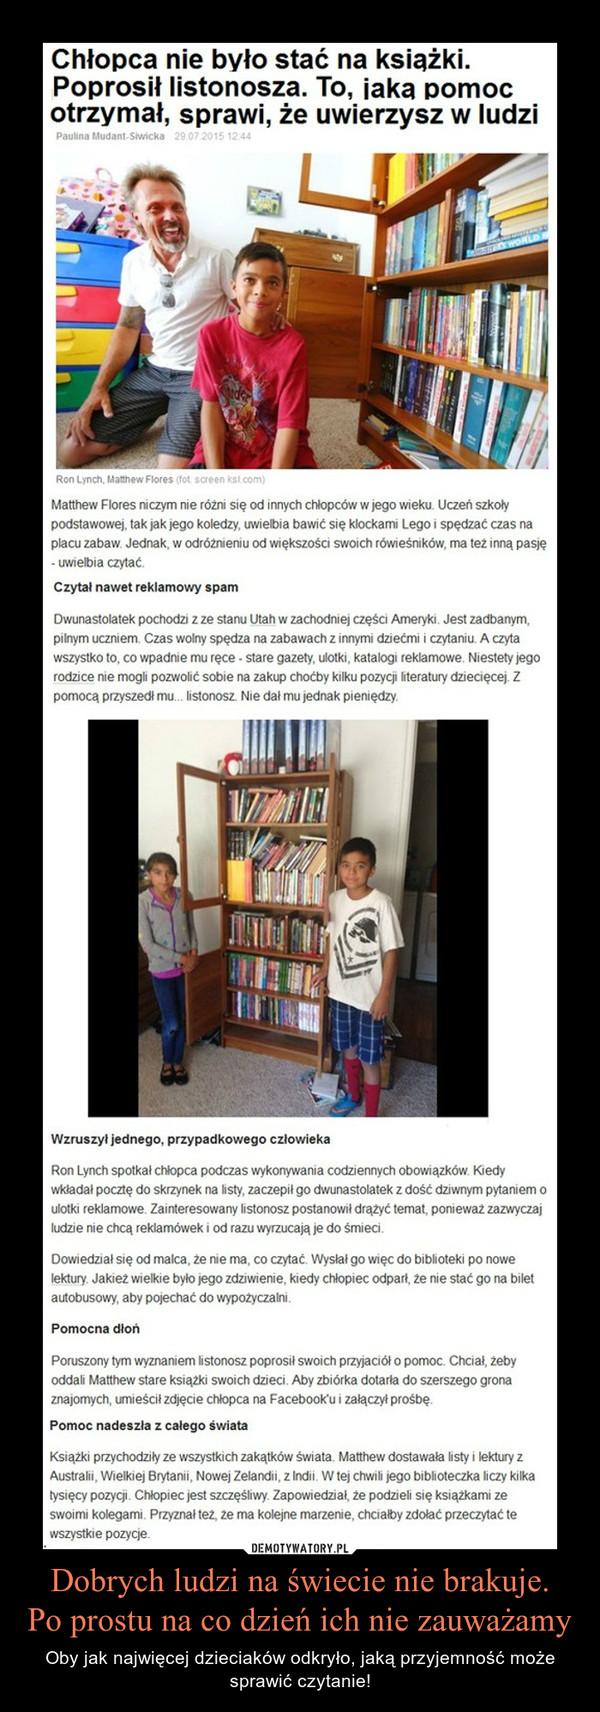 Dobrych ludzi na świecie nie brakuje.Po prostu na co dzień ich nie zauważamy – Oby jak najwięcej dzieciaków odkryło, jaką przyjemność może sprawić czytanie! Chłopca nie było stać na książki. Poprosił listonosza. To, jaką pomoc otrzymał, sprawi, że uwierzysz w ludziMatthew Flores niczym nie różni się od innych chłopców w jego wieku. Uczeń szkoły podstawowej, tak jak jego koledzy, uwielbia bawić się klockami Lego i spędzać czas na placu zabaw. Jednak, w odróżnieniu od większości swoich rówieśników, ma też inną pasję - uwielbia czytać.Czytał nawet reklamowy spamDwunastolatek pochodzi z ze stanu Utah w zachodniej części Ameryki. Jest zadbanym, pilnym uczniem. Czas wolny spędza na zabawach z innymi dziećmi i czytaniu. A czyta wszystko to, co wpadnie mu ręce - stare gazety, ulotki, katalogi reklamowe. Niestety jego rodzice nie mogli pozwolić sobie na zakup choćby kilku pozycji literatury dziecięcej. Z pomocą przyszedł mu... listonosz. Nie dał mu jednak pieniędzy.Wzruszył jednego, przypadkowego człowiekaRon Lynch spotkał chłopca podczas wykonywania codziennych obowiązków. Kiedy wkładał pocztę do skrzynek na listy, zaczepił go dwunastolatek z dość dziwnym pytaniem o ulotki reklamowe. Zainteresowany listonosz postanowił drążyć temat, ponieważ zazwyczaj ludzie nie chcą reklamówek i od razu wyrzucają je do śmieci.Dowiedział się od malca, że nie ma, co czytać. Wysłał go więc do biblioteki po nowe lektury. Jakież wielkie było jego zdziwienie, kiedy chłopiec odparł, że nie stać go na bilet autobusowy, aby pojechać do wypożyczalni.Pomoc nadeszła z całego świataKsiążki przychodziły ze wszystkich zakątków świata. Matthew dostawała listy i lektury z Australii, Wielkiej Brytanii, Nowej Zelandii, z Indii. W tej chwili jego biblioteczka liczy kilka tysięcy pozycji. Chłopiec jest szczęśliwy. Zapowiedział, że podzieli się książkami ze swoimi kolegami. Przyznał też, że ma kolejne marzenie, chciałby zdołać przeczytać te wszystkie pozycje.